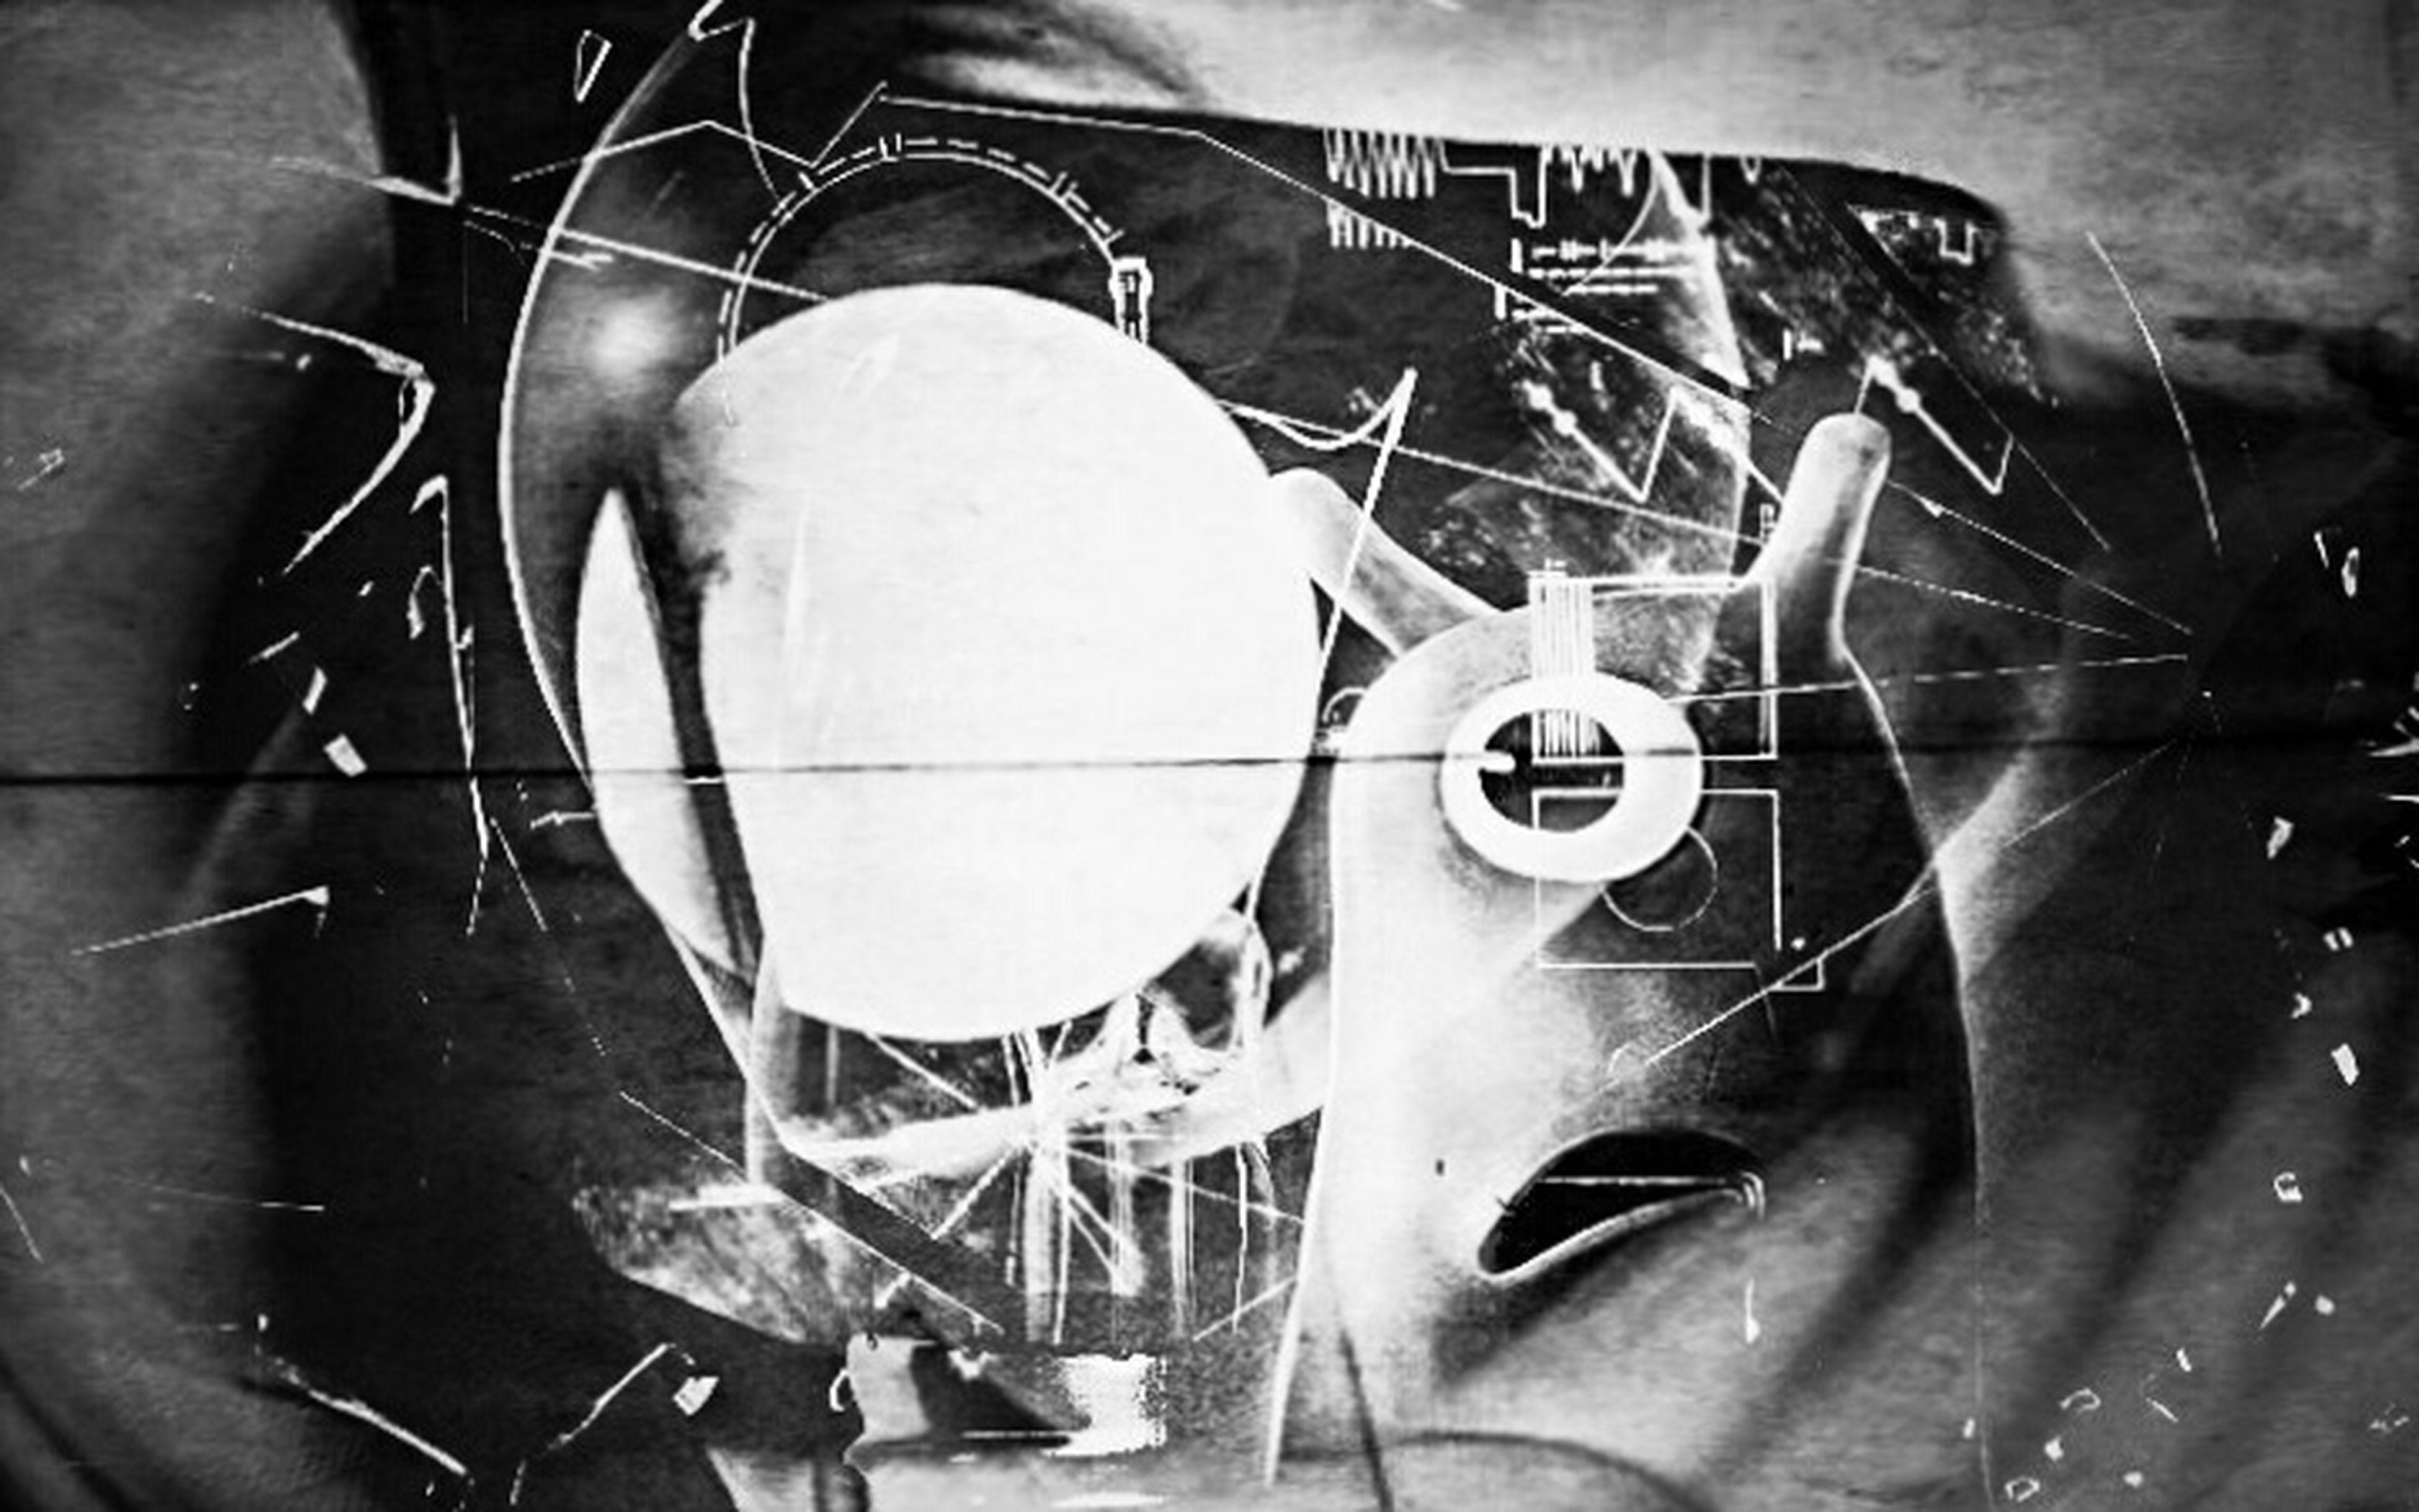 J'aime bien ce petit bonhomme , ce qui me fais penser que la connerie est universelle , le mal aussi et ce qui en résulte., aucun échappatoire. France Conererie Abyssale Mon Bourreau Tête D'ampoule Piquez Vous Même Et Carrez Vs Vos Bombes Scifiesque Eyes Are Soul Reflection Au Royaume Des Aveugles Les Borgnessont Rois Et Cons Fissa Sunlight